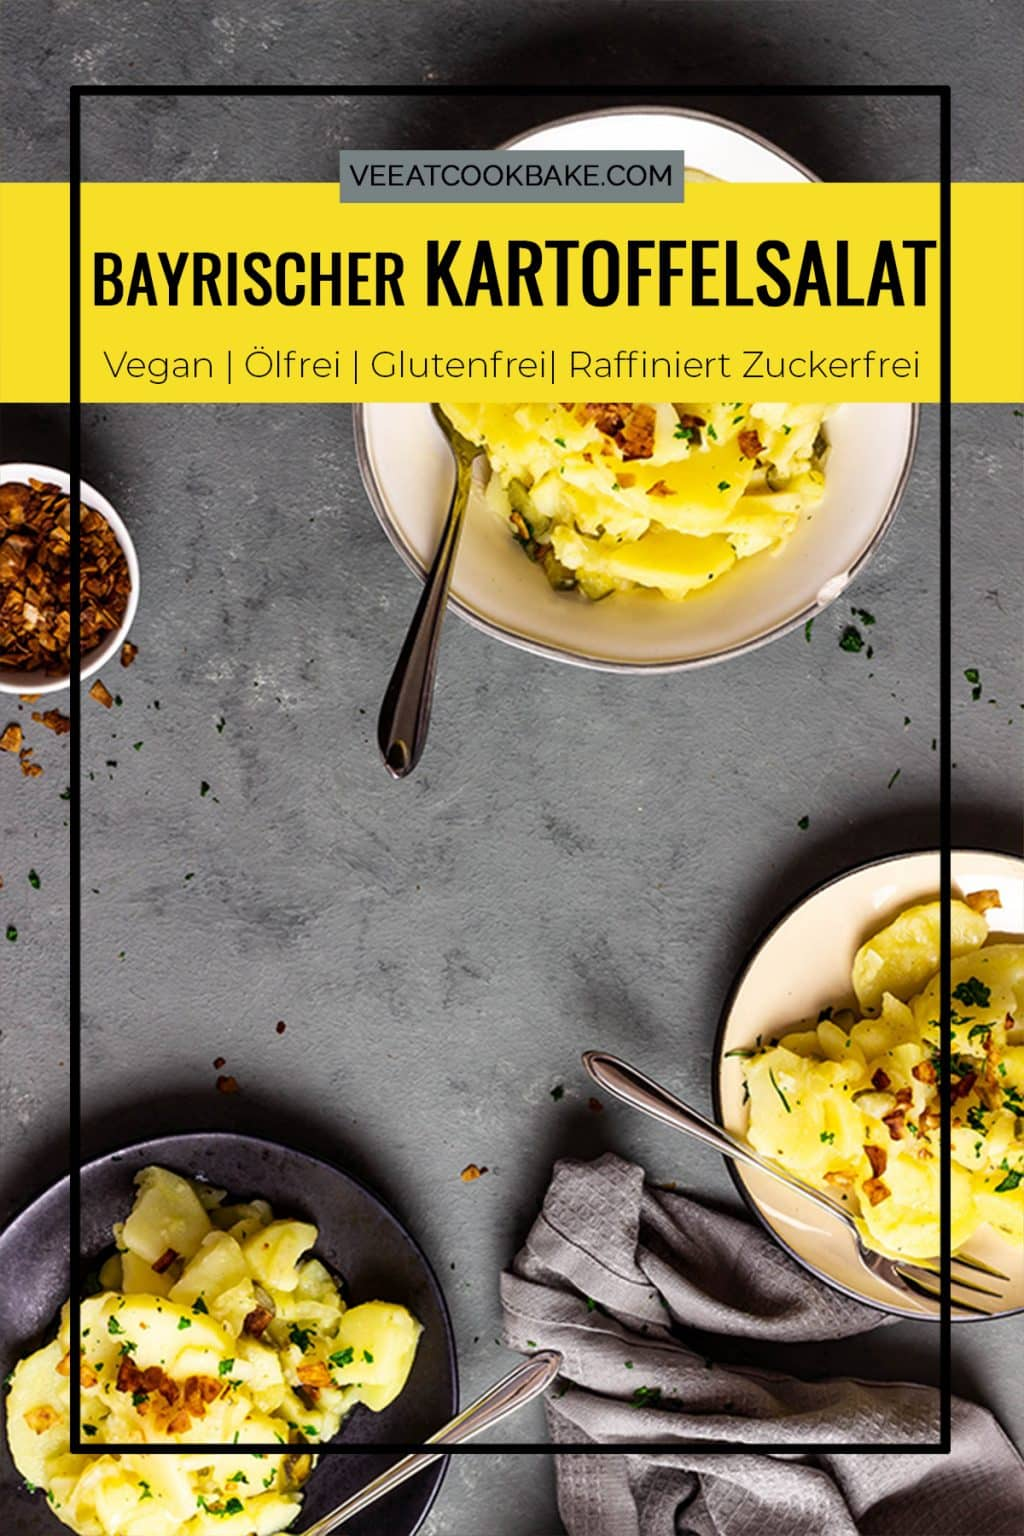 Bayrisch veganer Kartoffelsalat - wer liebt nicht Kartoffelsalate an Grillfesten, Picknicks oder anderen Veranstaltungen?! Und dieser bayrisch vegane Kartoffelsalat lässt dich in keinster Weise einen traditionellen Kartoffelsalat mit Öl, Mayo, vermissen.